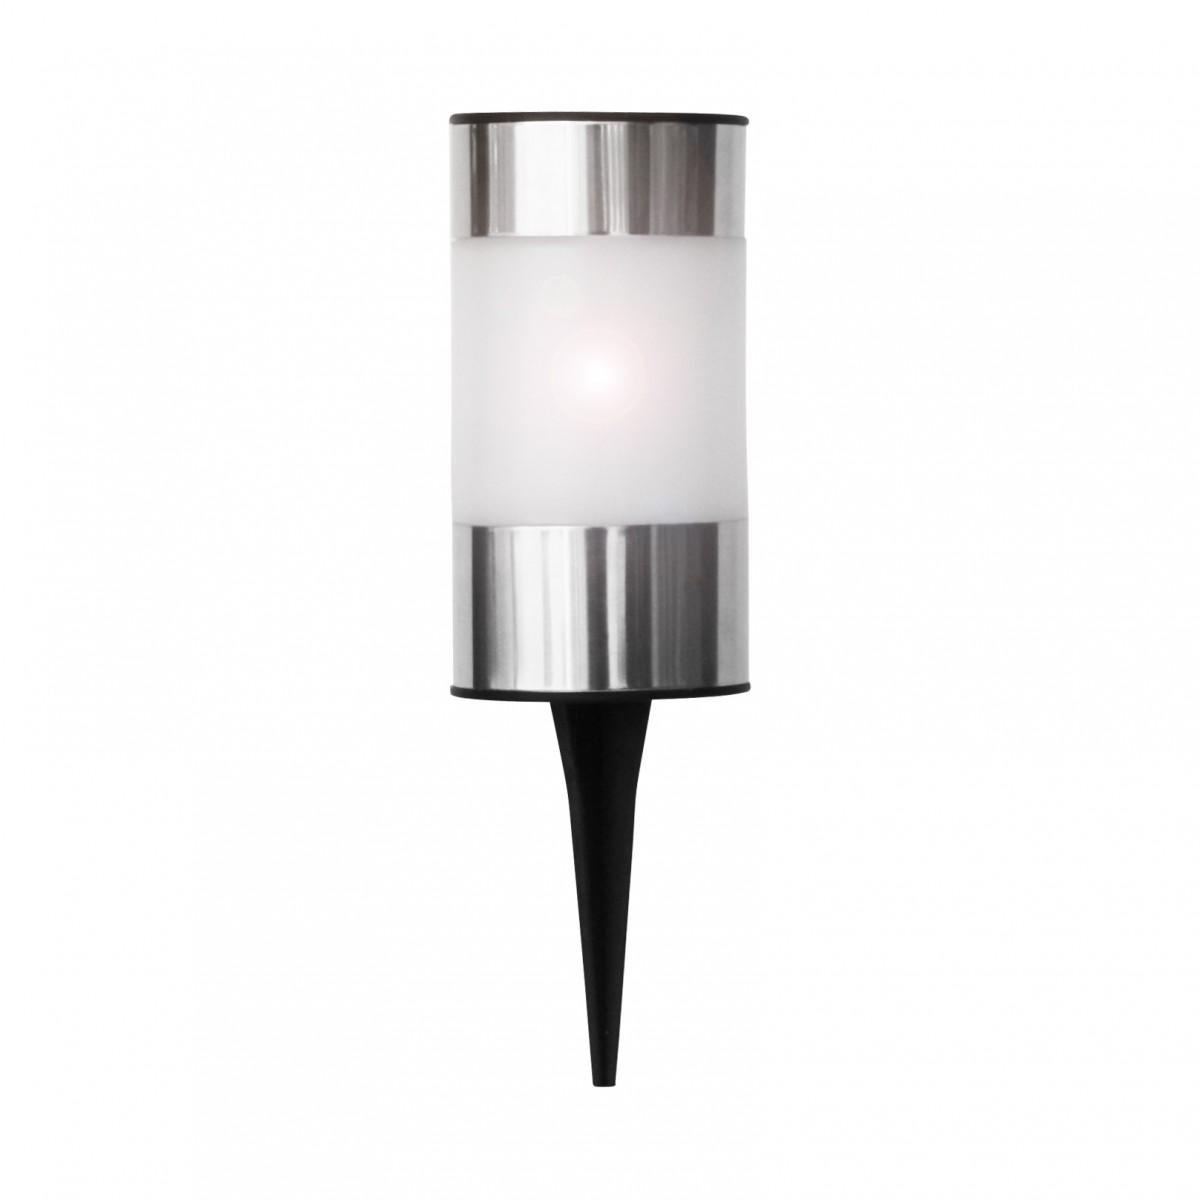 led solarleuchte solarlampe solarstick wegbeleuchtung. Black Bedroom Furniture Sets. Home Design Ideas